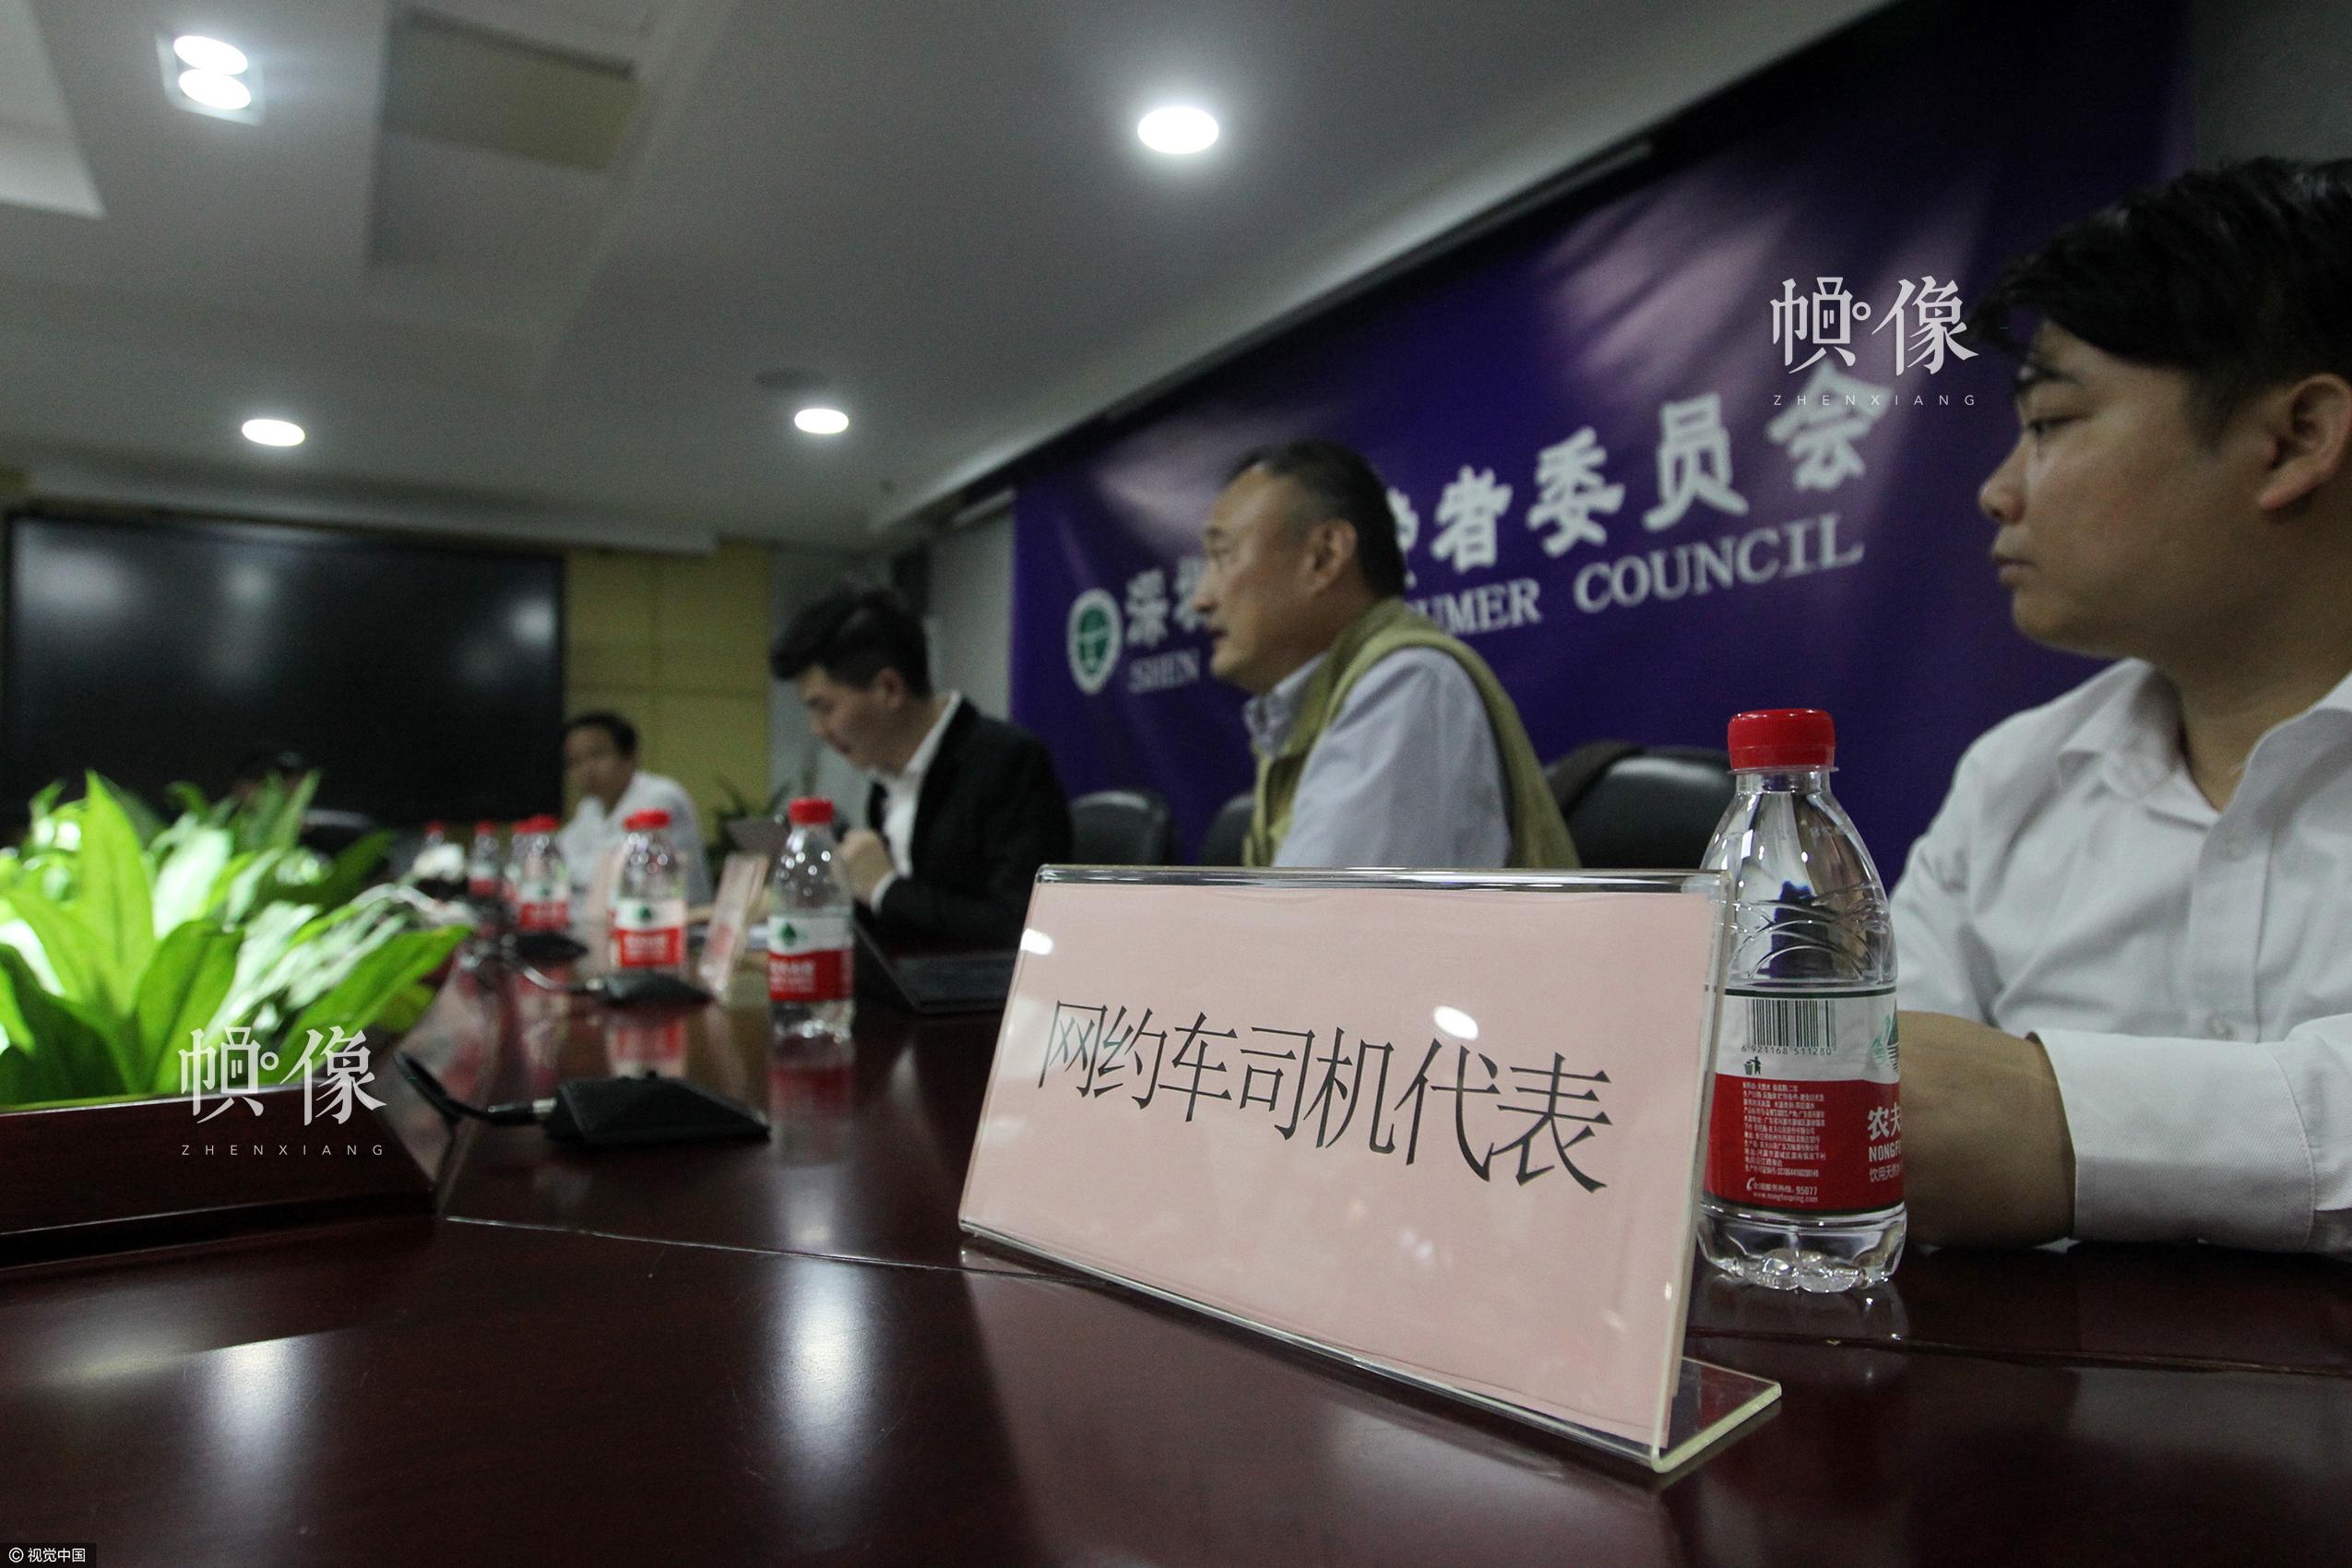 2016年11月8日下午,深圳市消费者委员会会议室,网约车新政消费者讨论会现场。刘有志/视觉中国